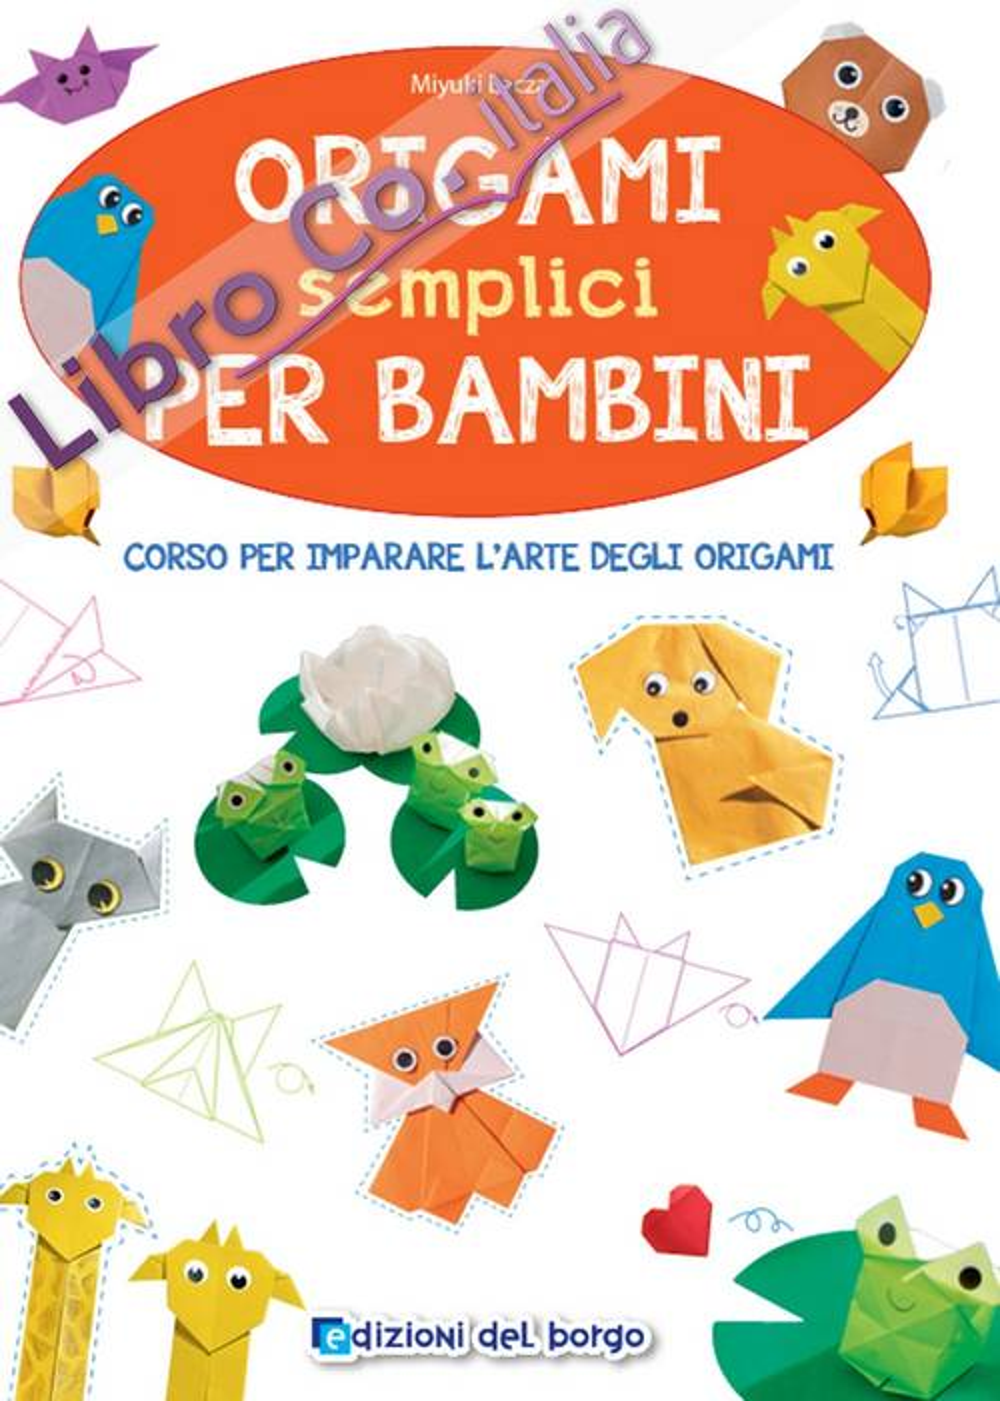 Origami semplici per bambini. Corso per imparare l'arte degli origami